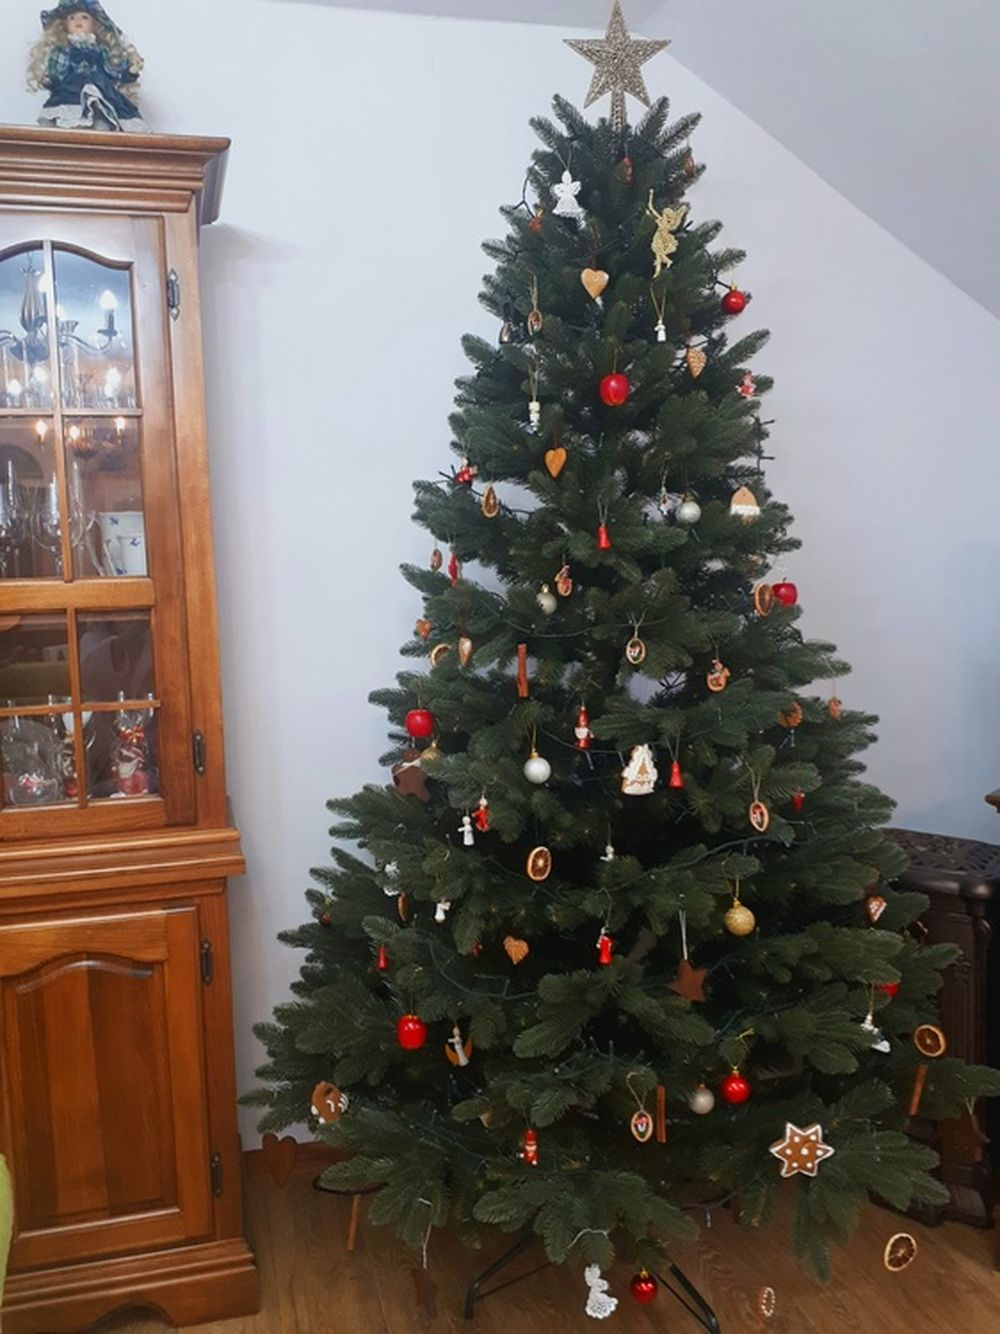 FOTO: Vianočné stromčeky v Žiline - výber fotografií našich čitateľov, foto 15